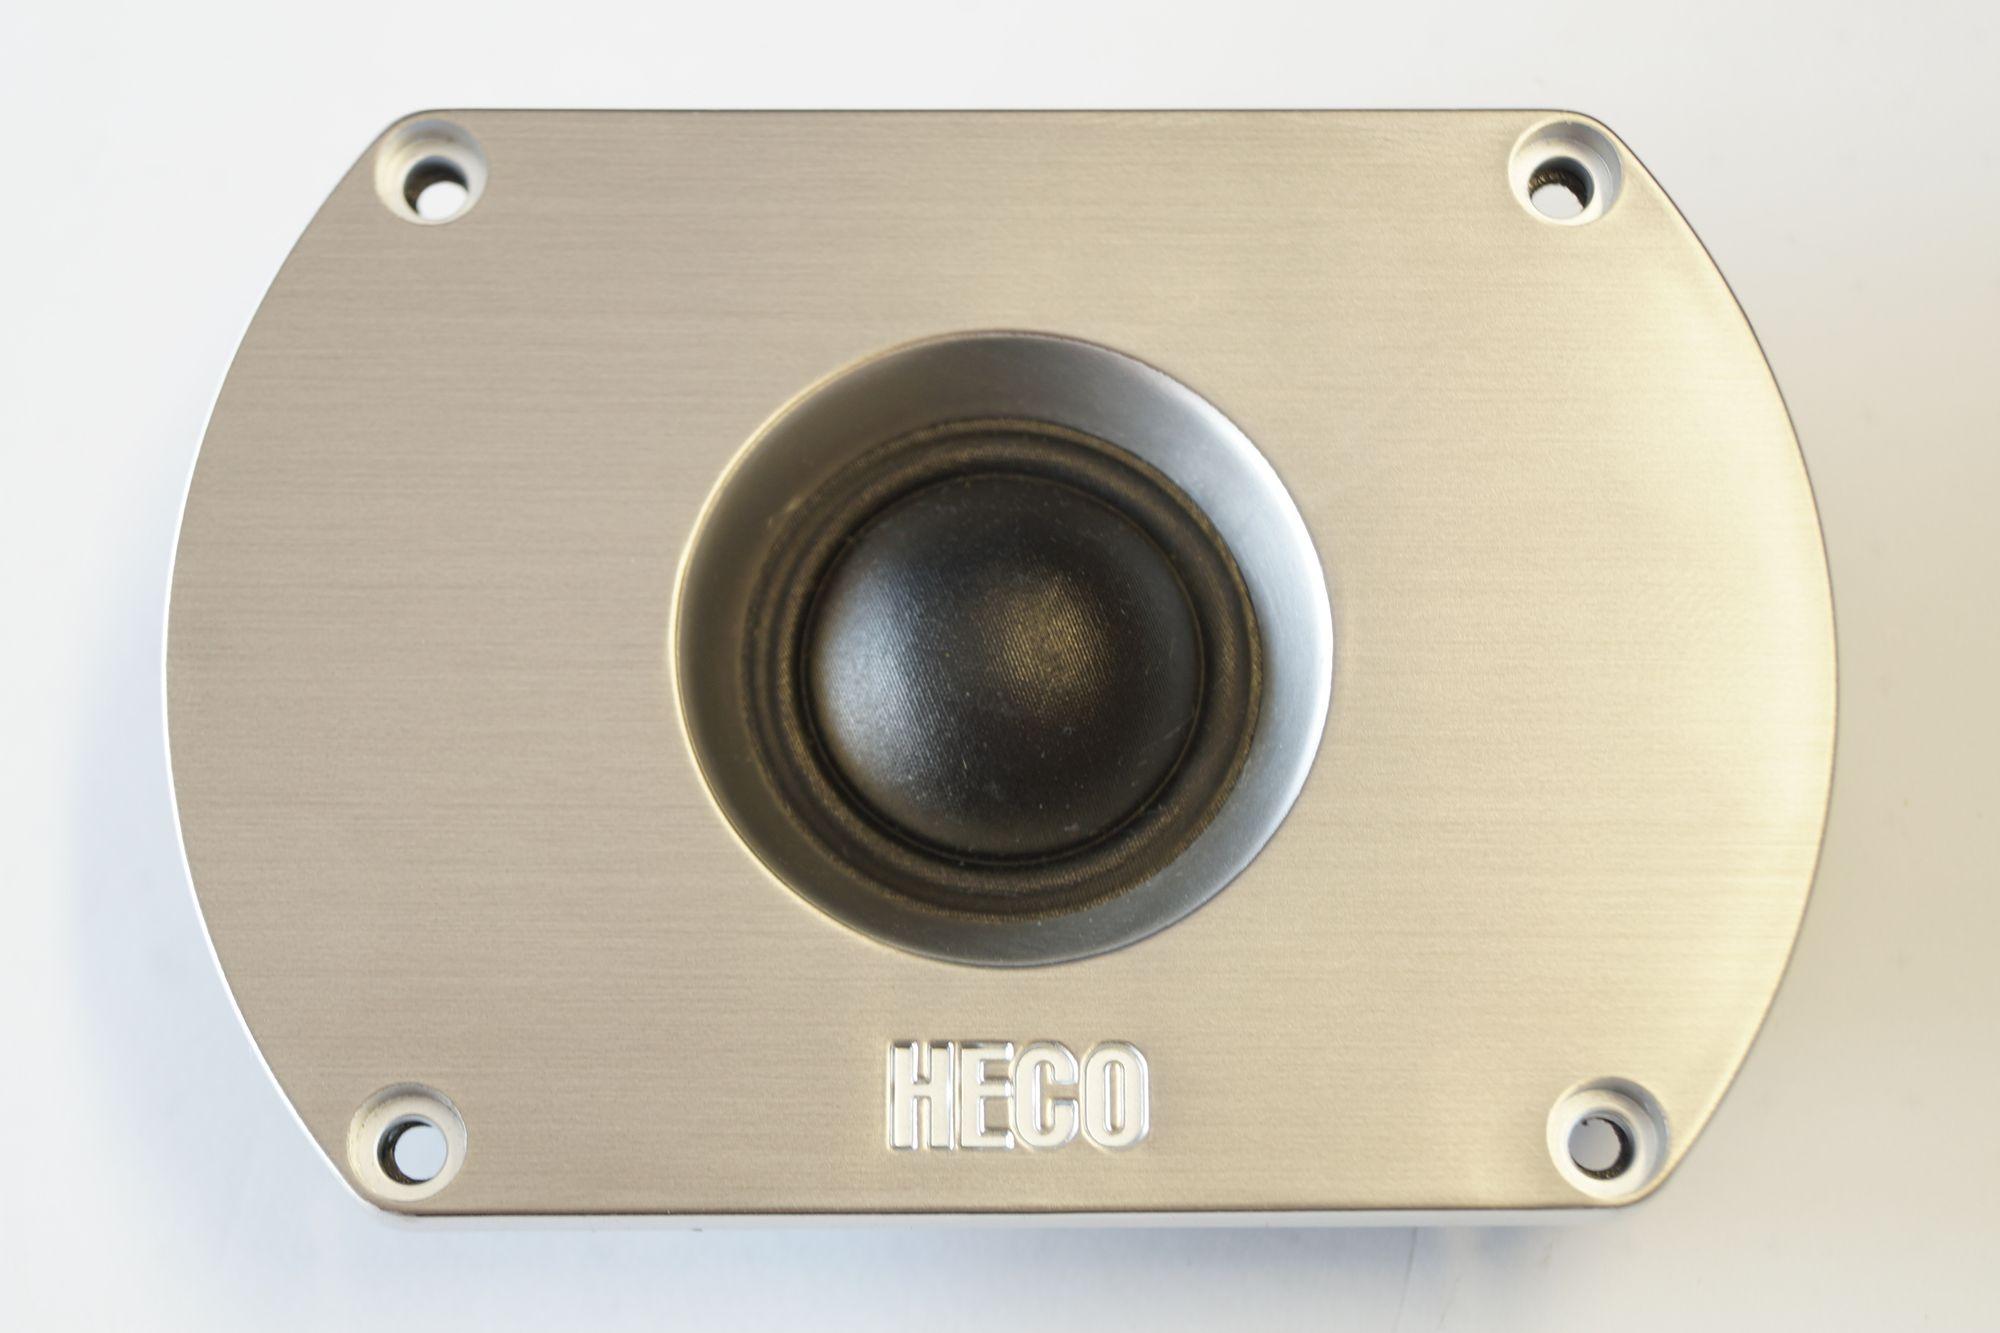 1 Stück Heco Victa 701/501/301/201 Hochtöner Neu – Bild 1